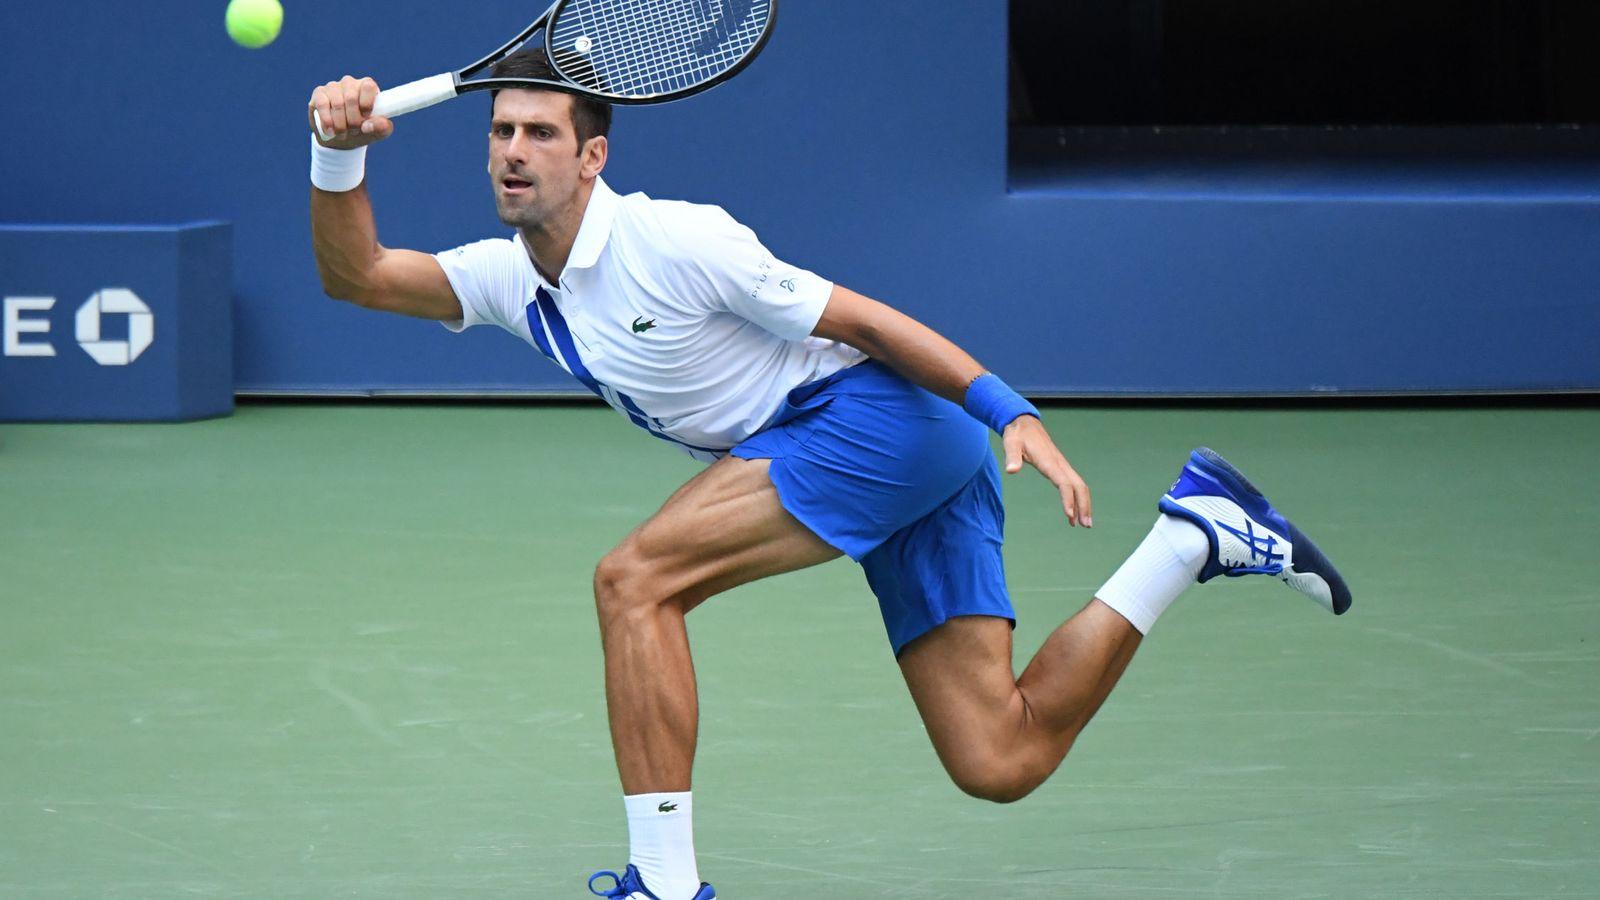 Us Open Djokovic Expulsado Del Us Open Por Un Pelotazo A Una Juez De Linea